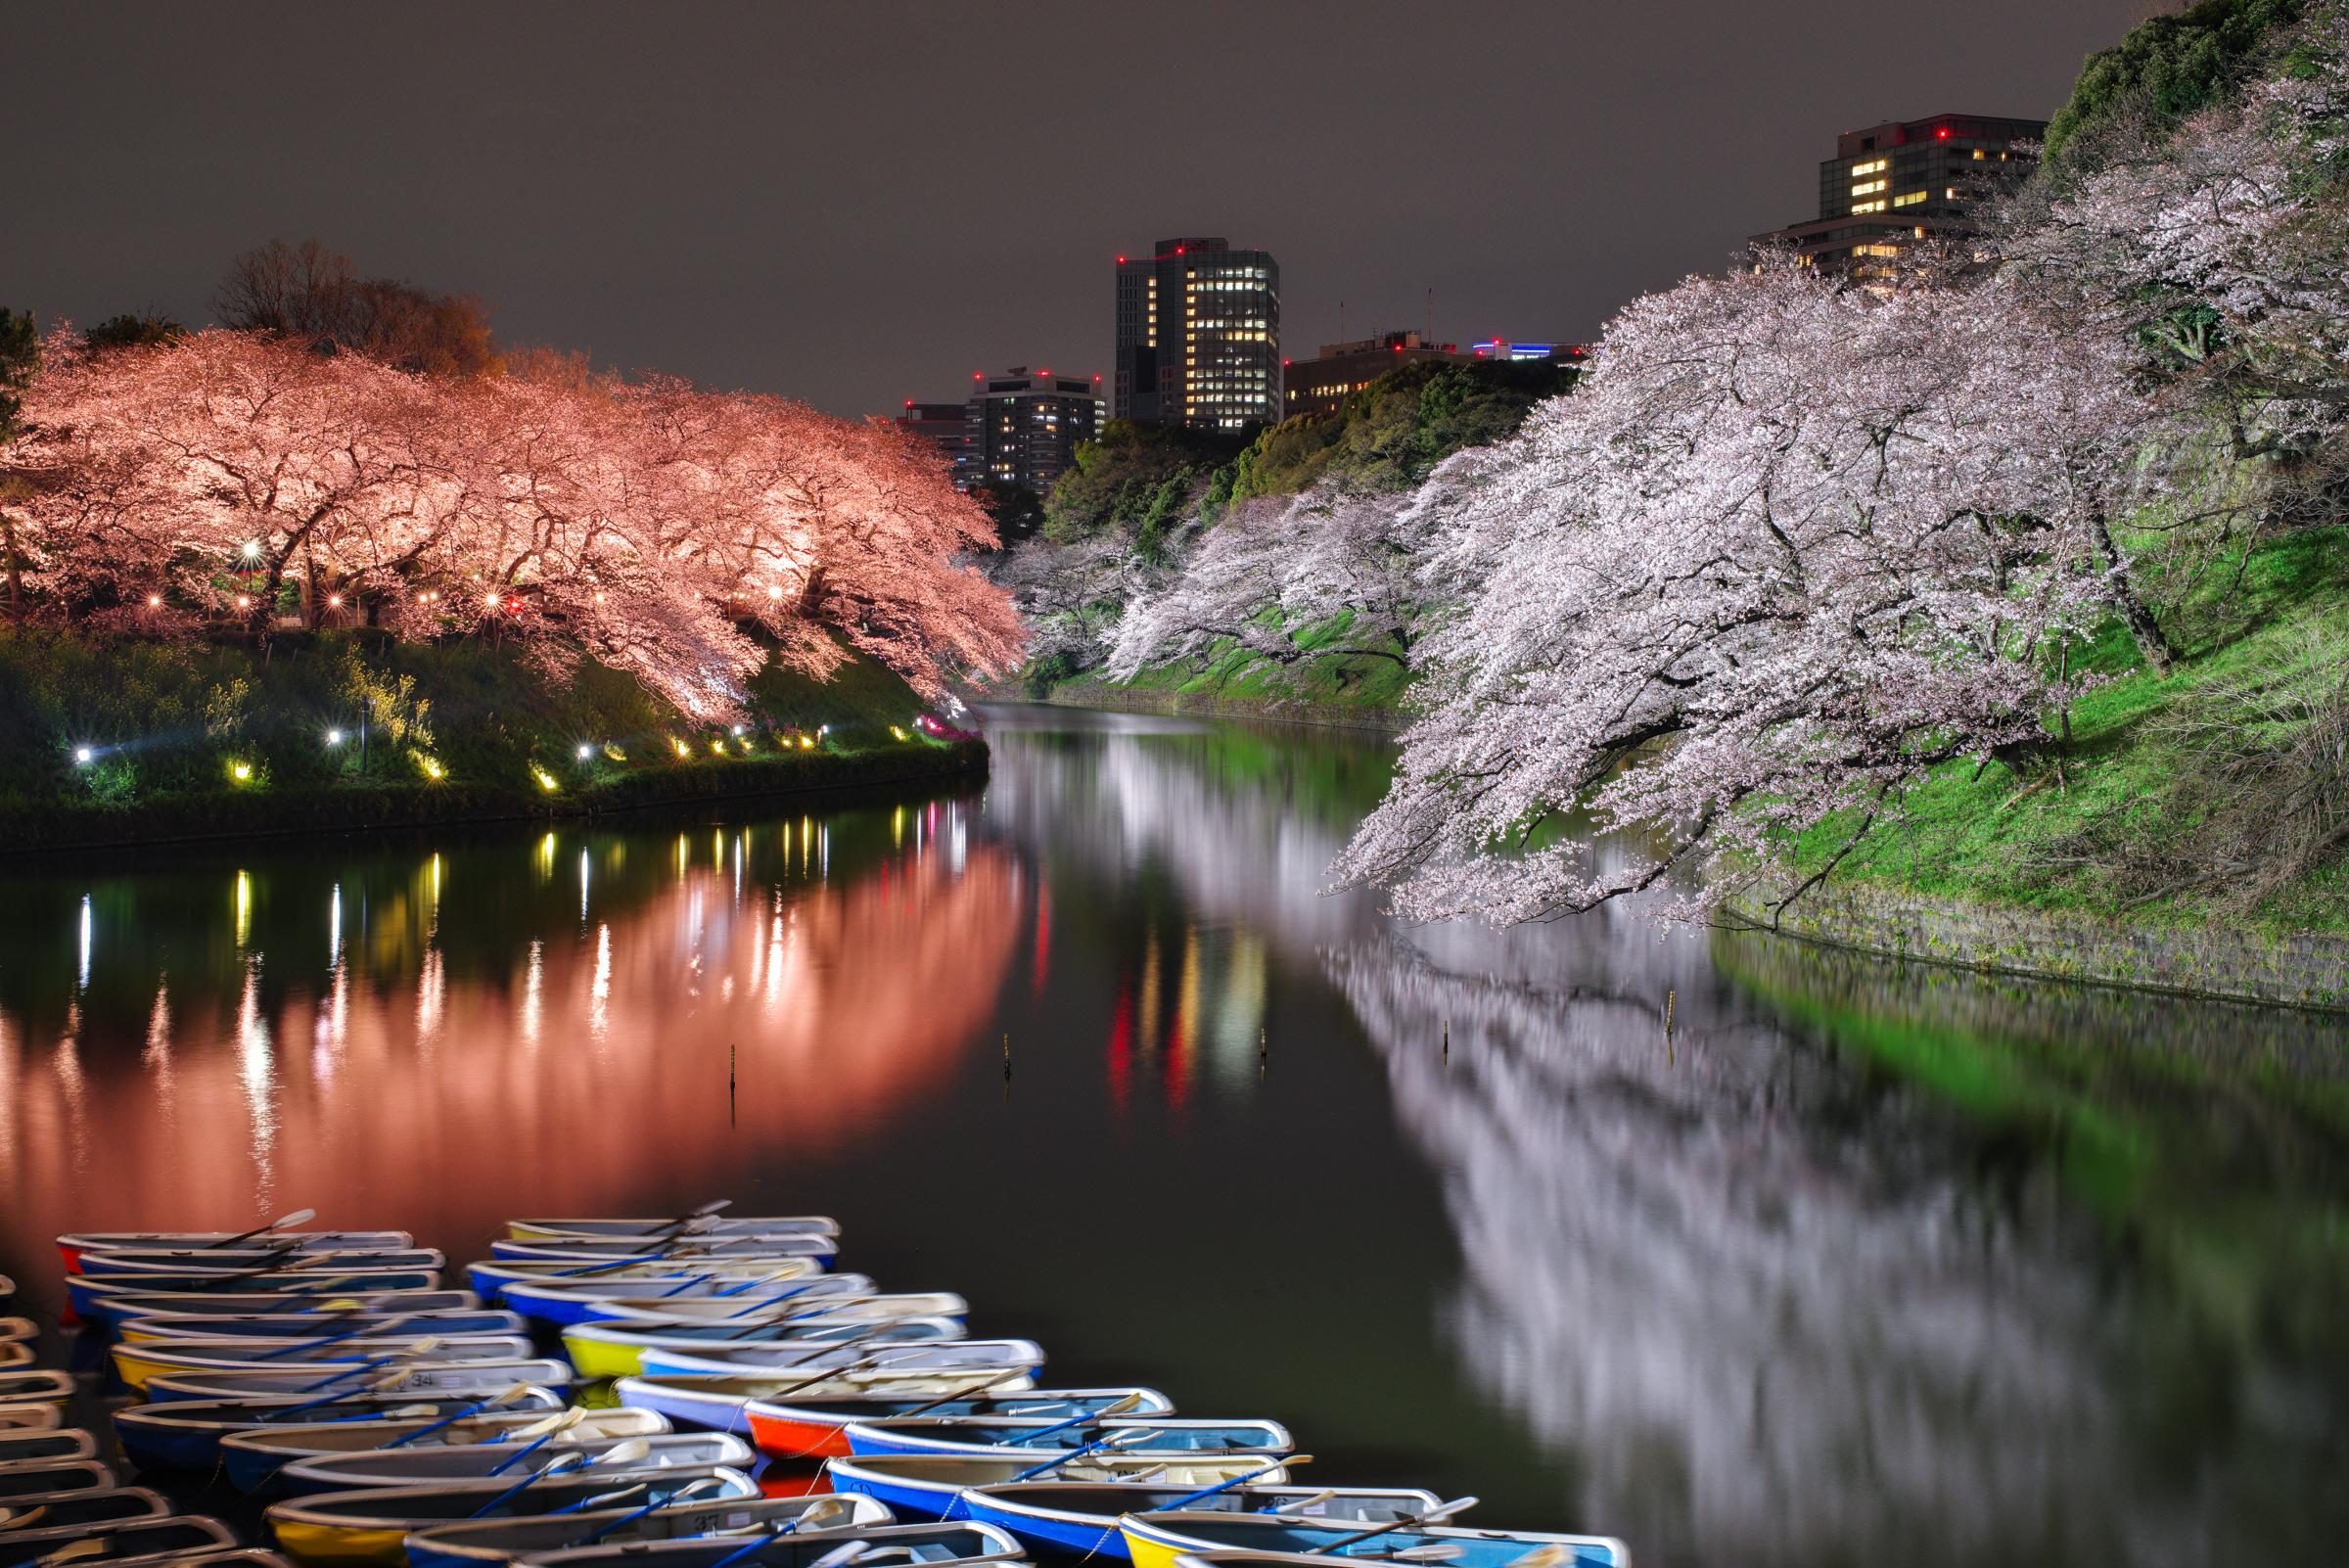 千鳥ヶ淵の桜ライトアップ2019 | PENTAX K-1&D FA★50mm